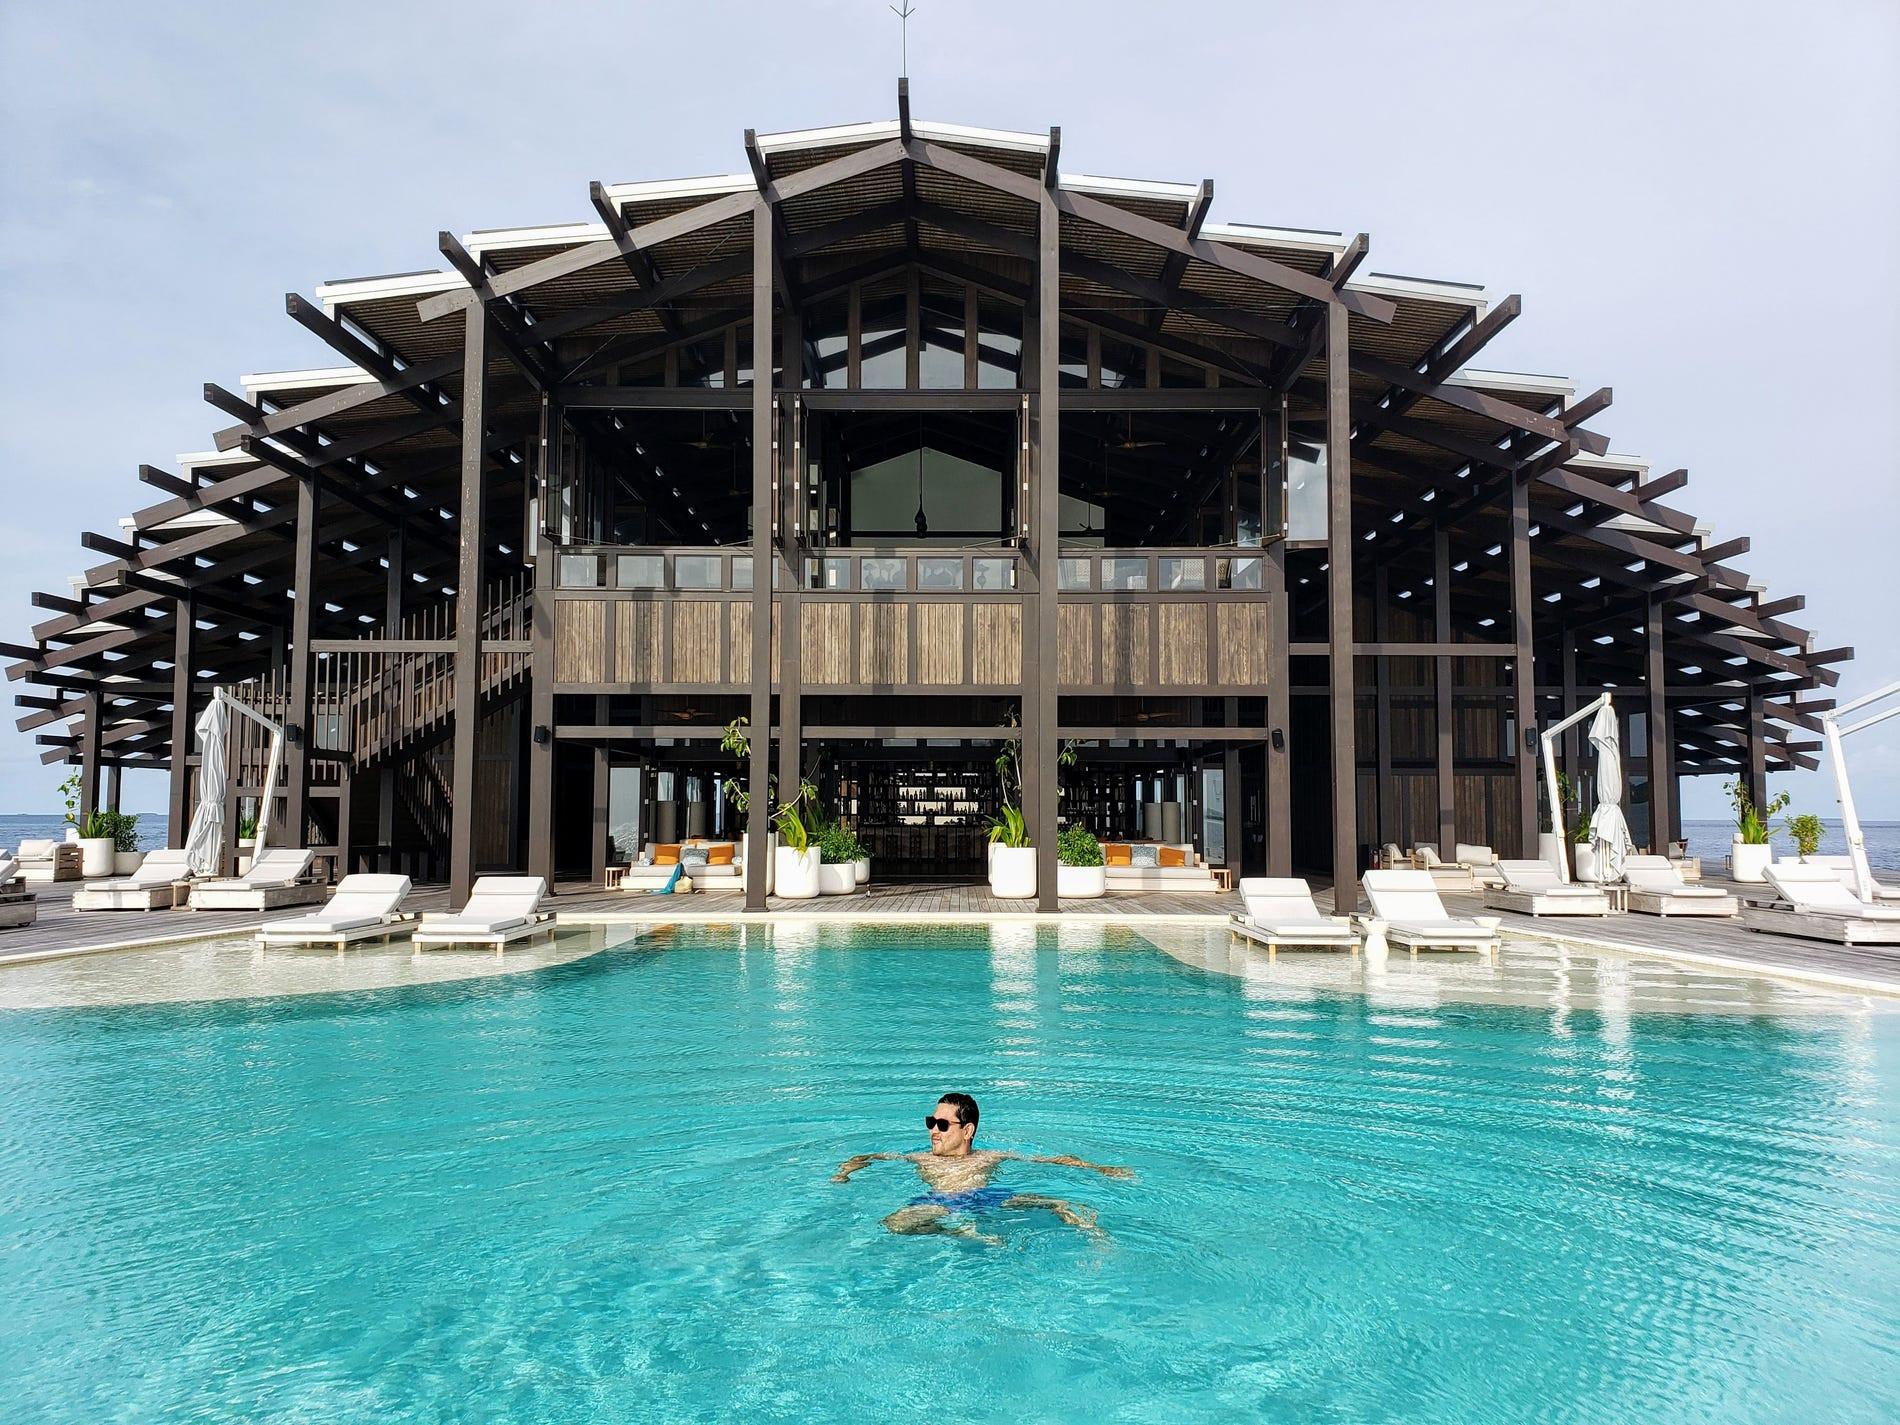 $3400 Per Night Experience in Maldives